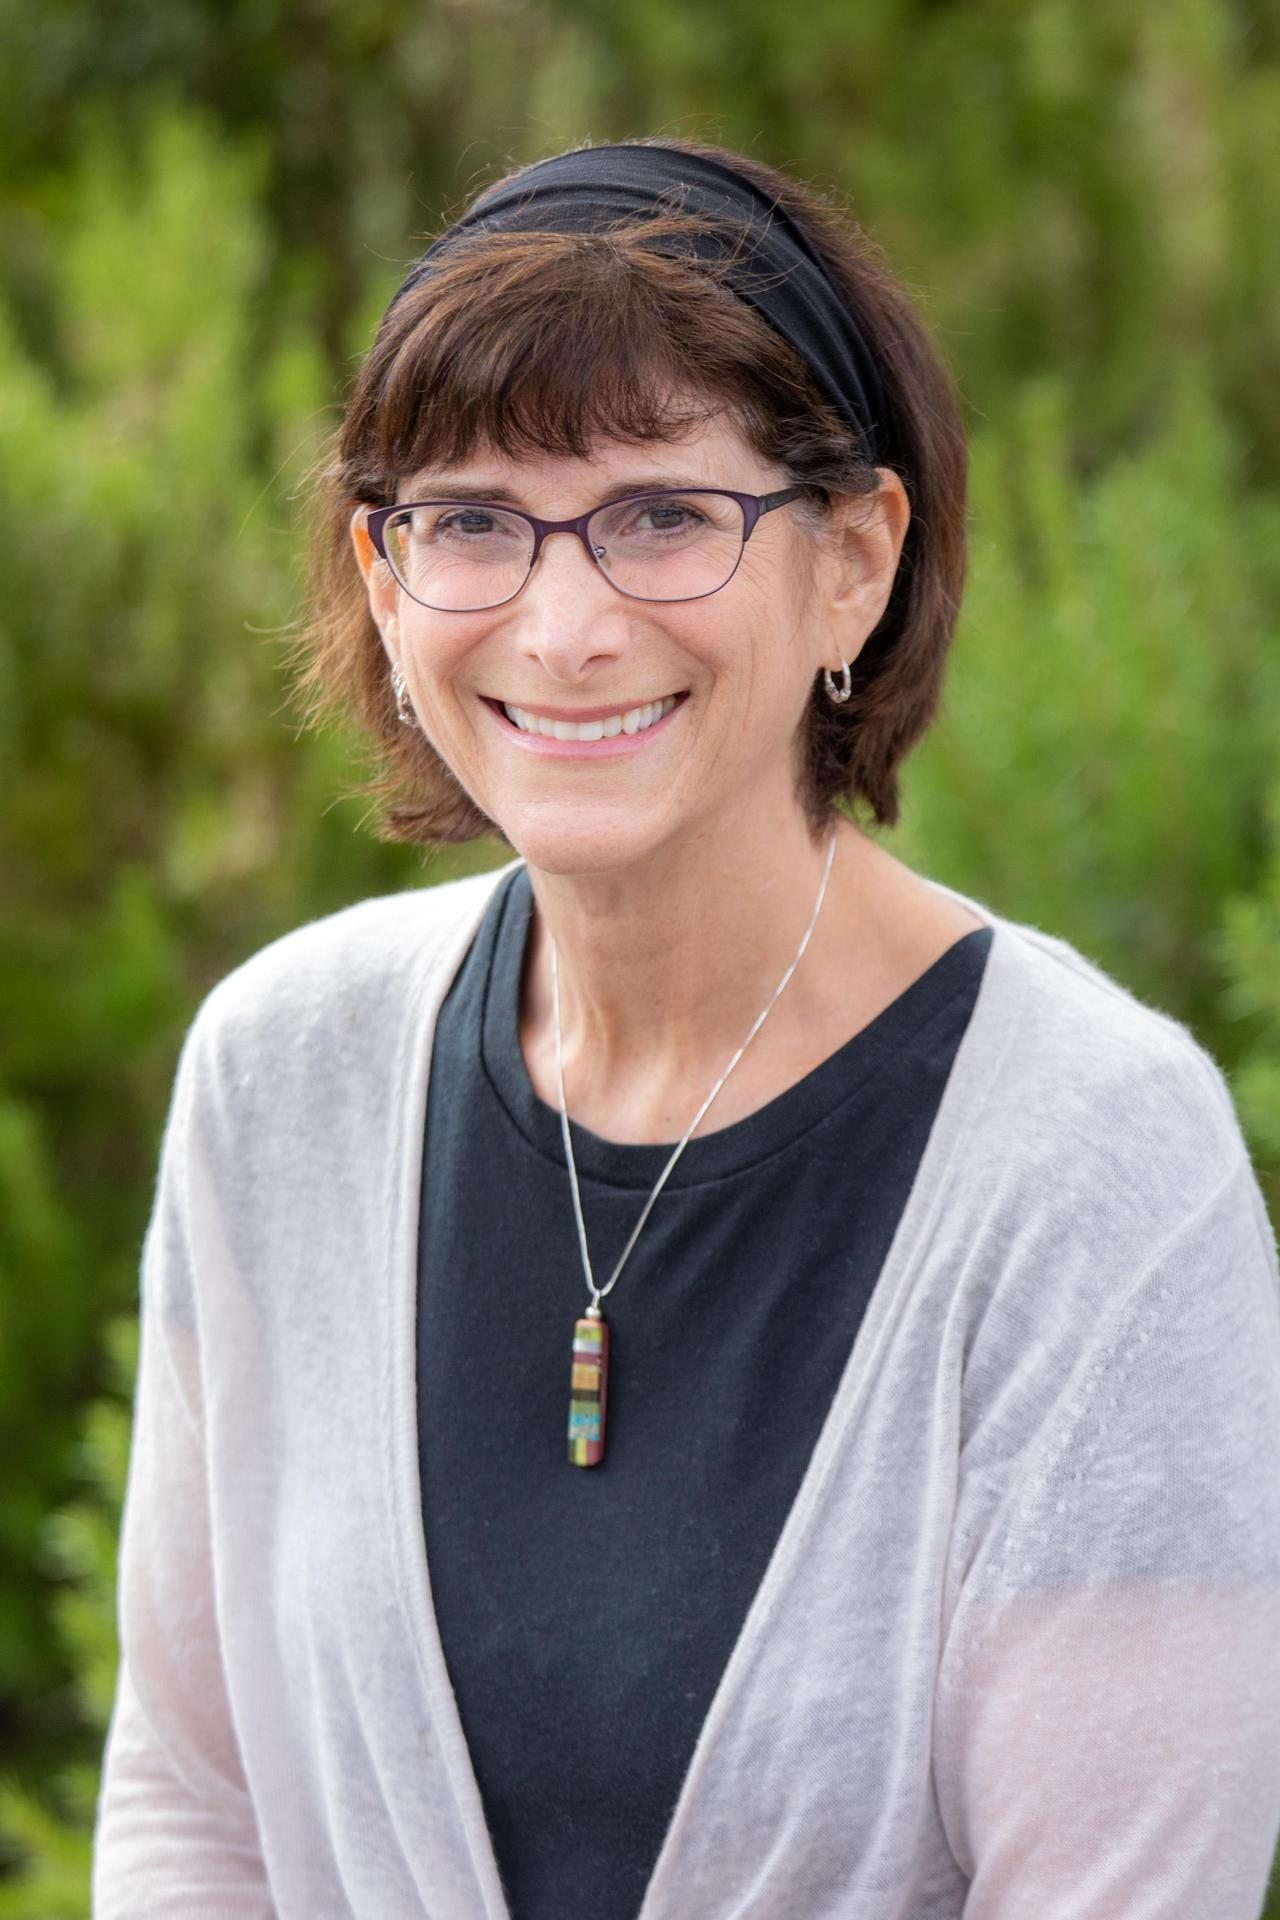 Allison Kent Weiss